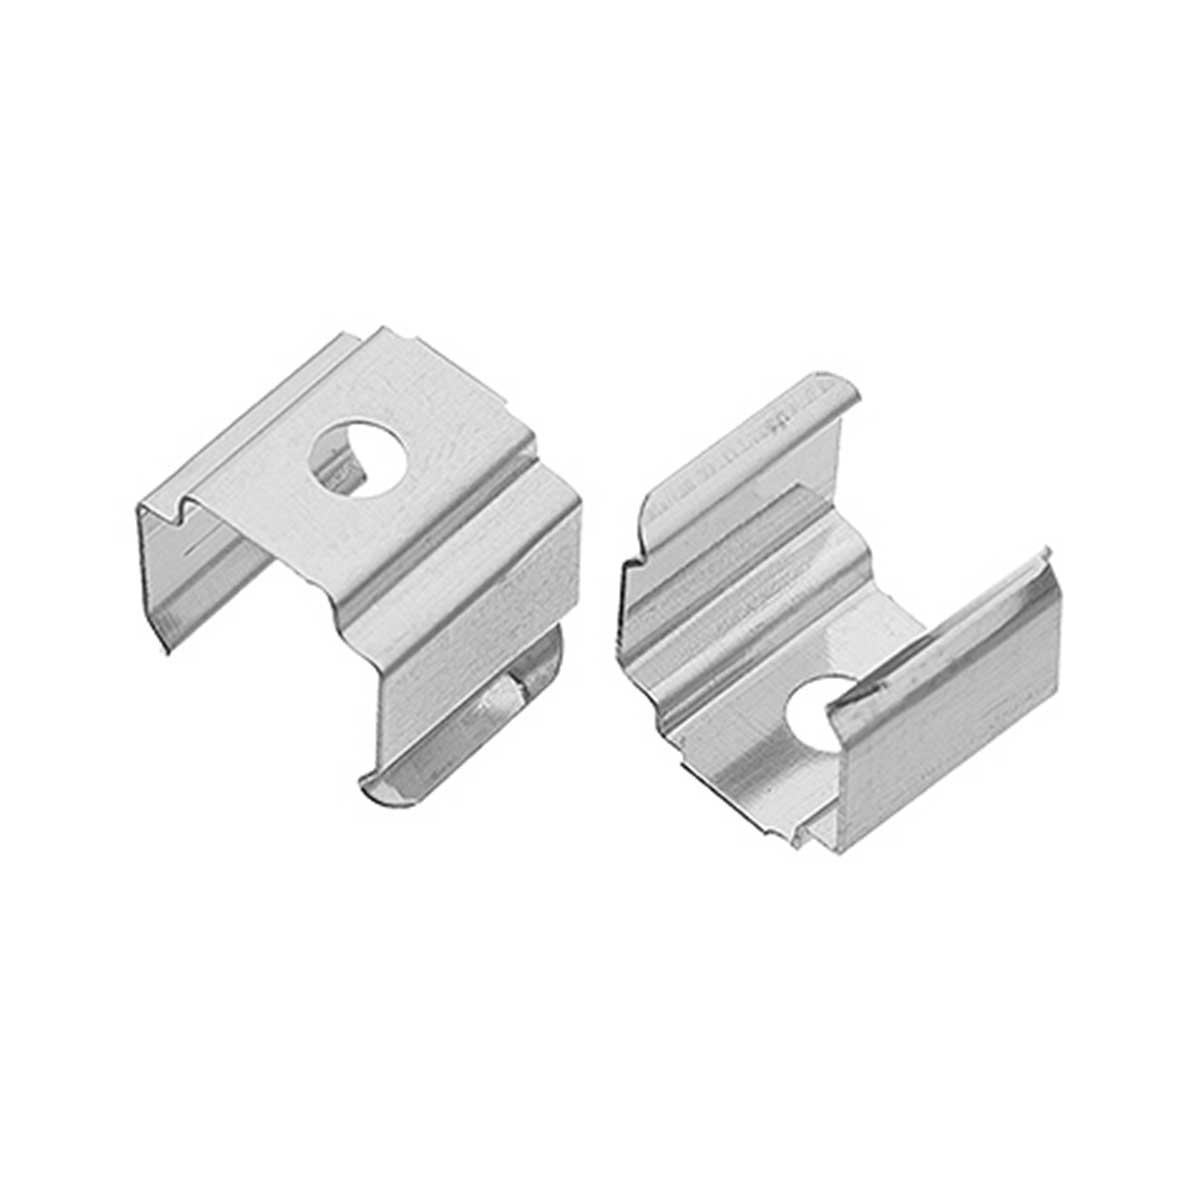 1 Paar Montageclips Halter für Aufbau U-Profil  14 x 15mm (4294)